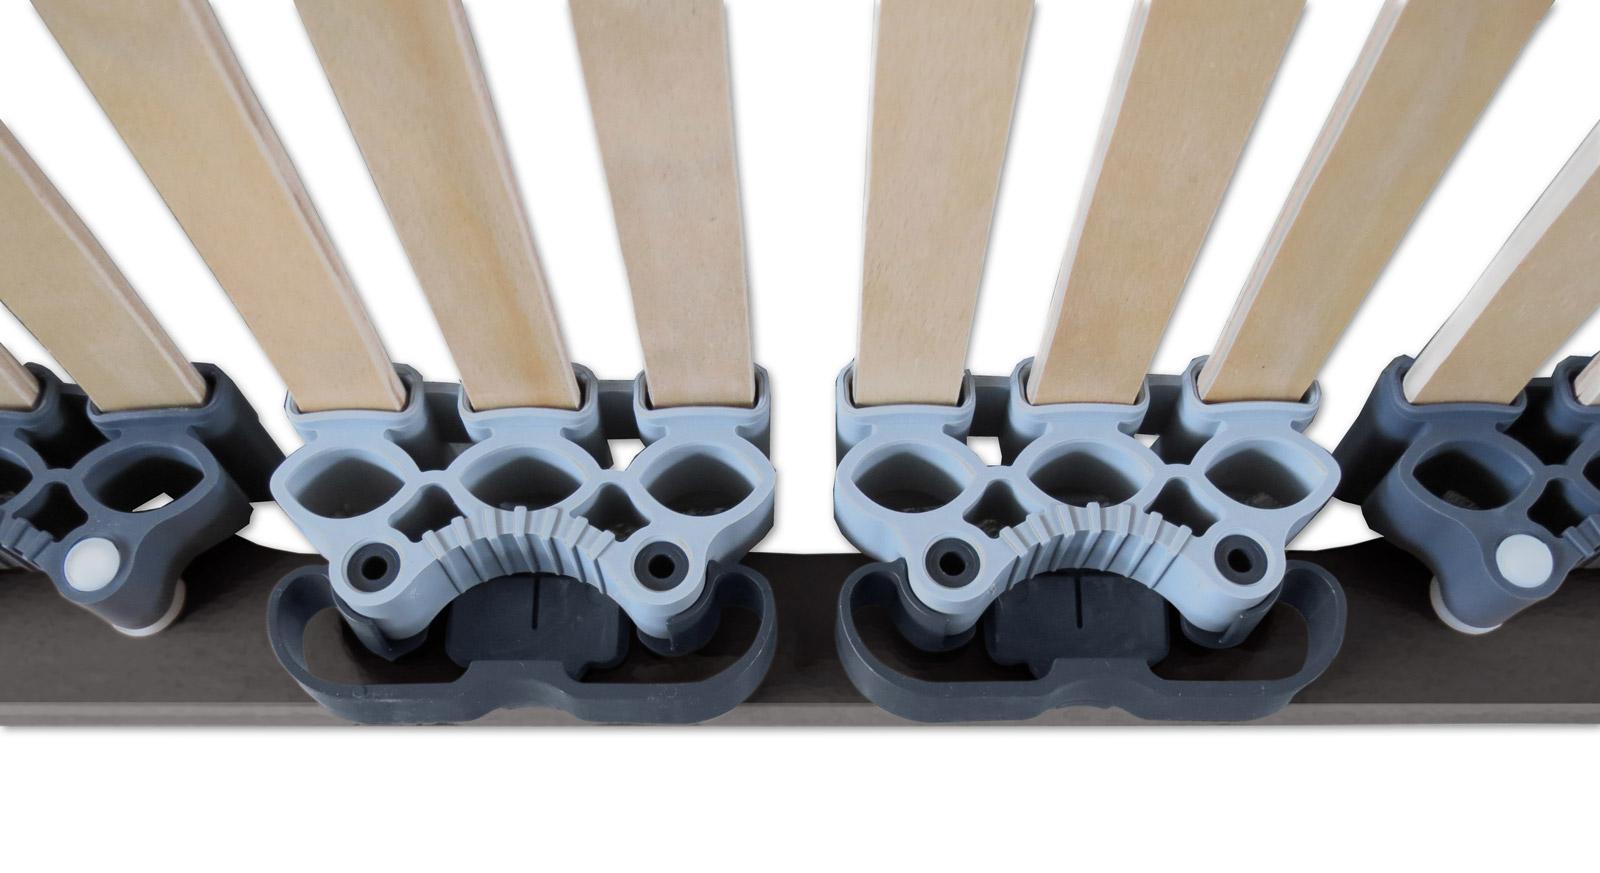 Lattenrost orthowell ultraflex mit 45 Federleisten